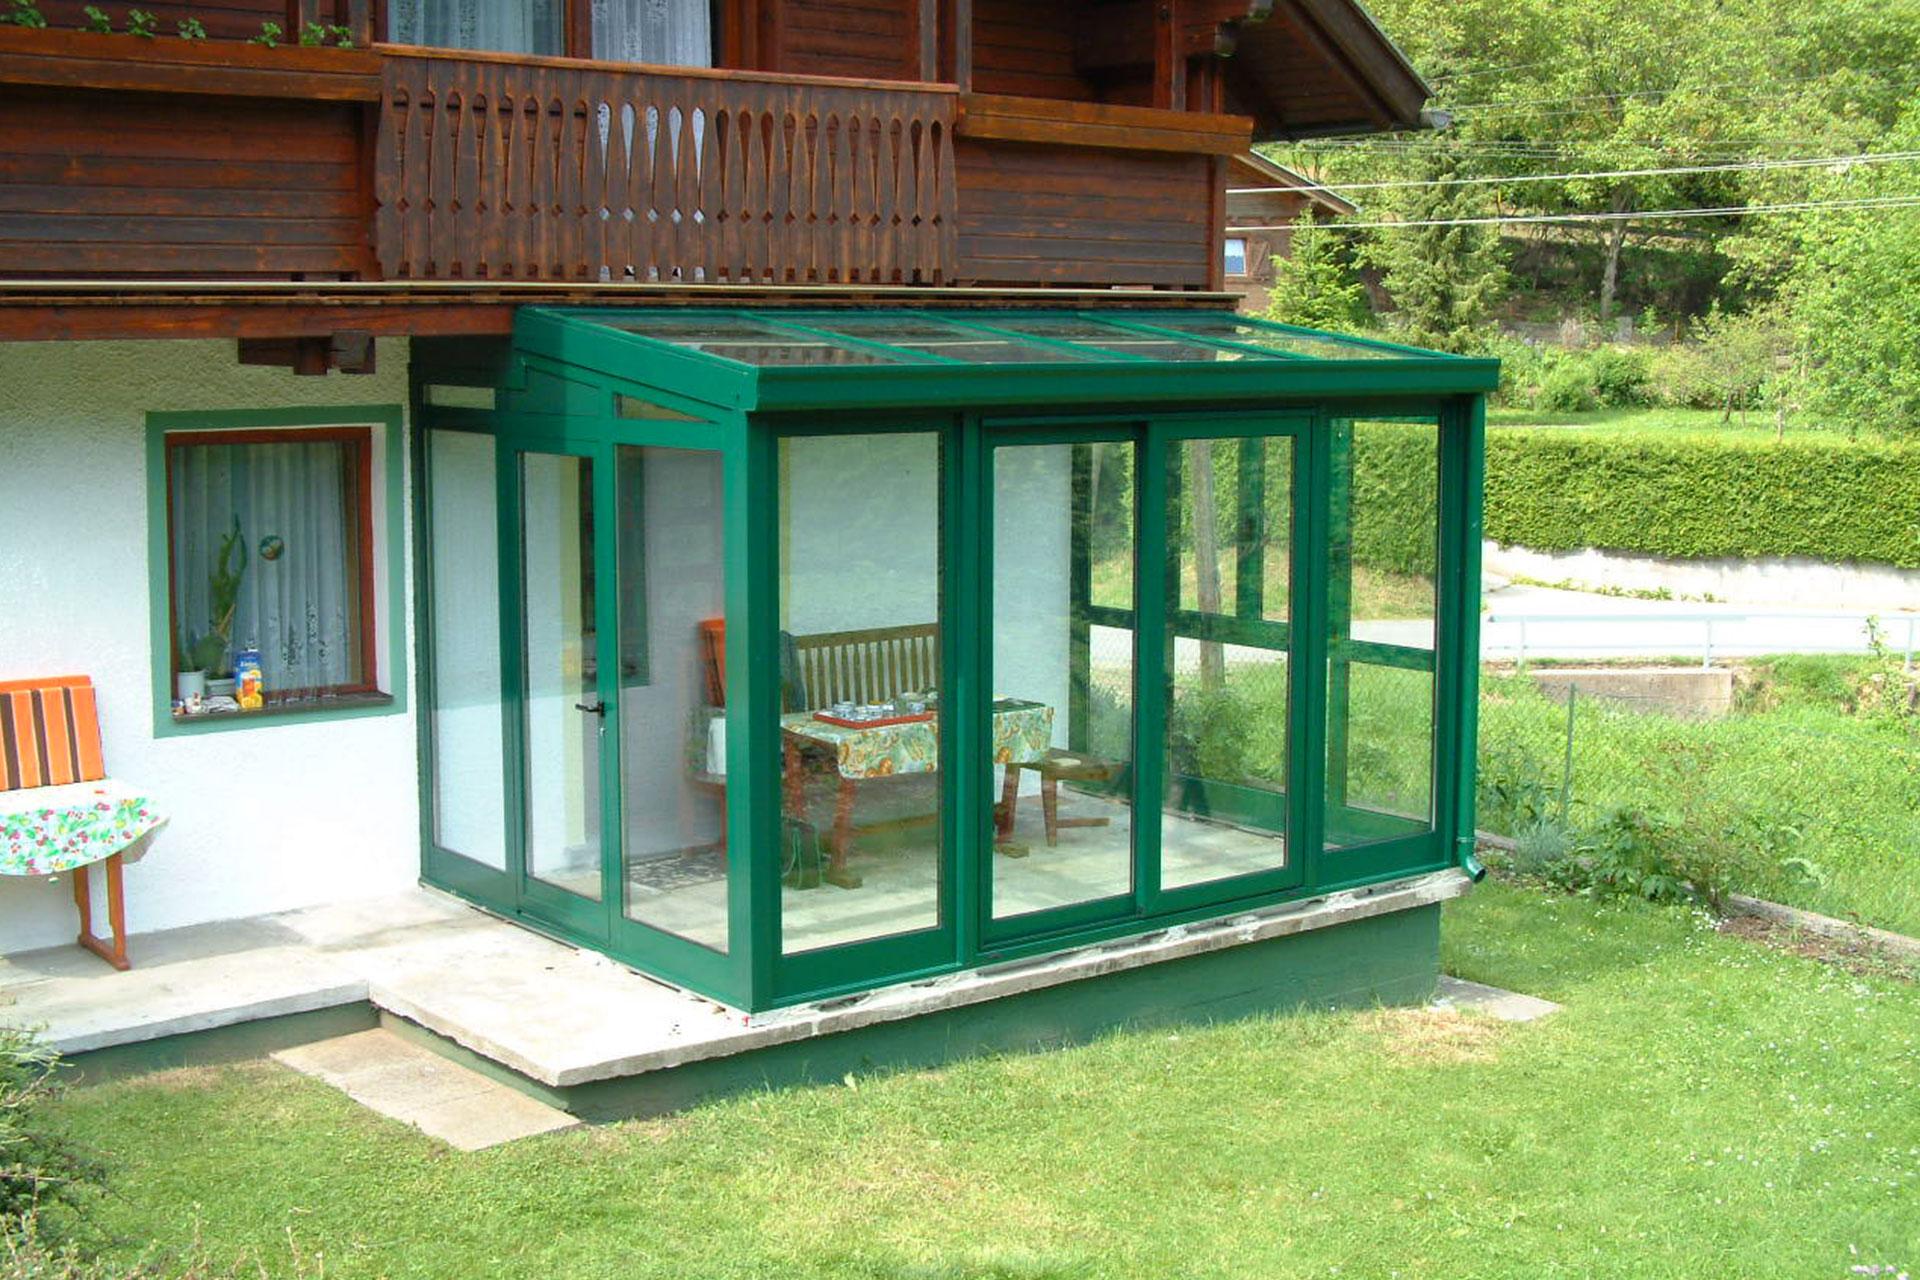 Giardino d'inverno winter garden serramenti alluminio taglio termico pordenone